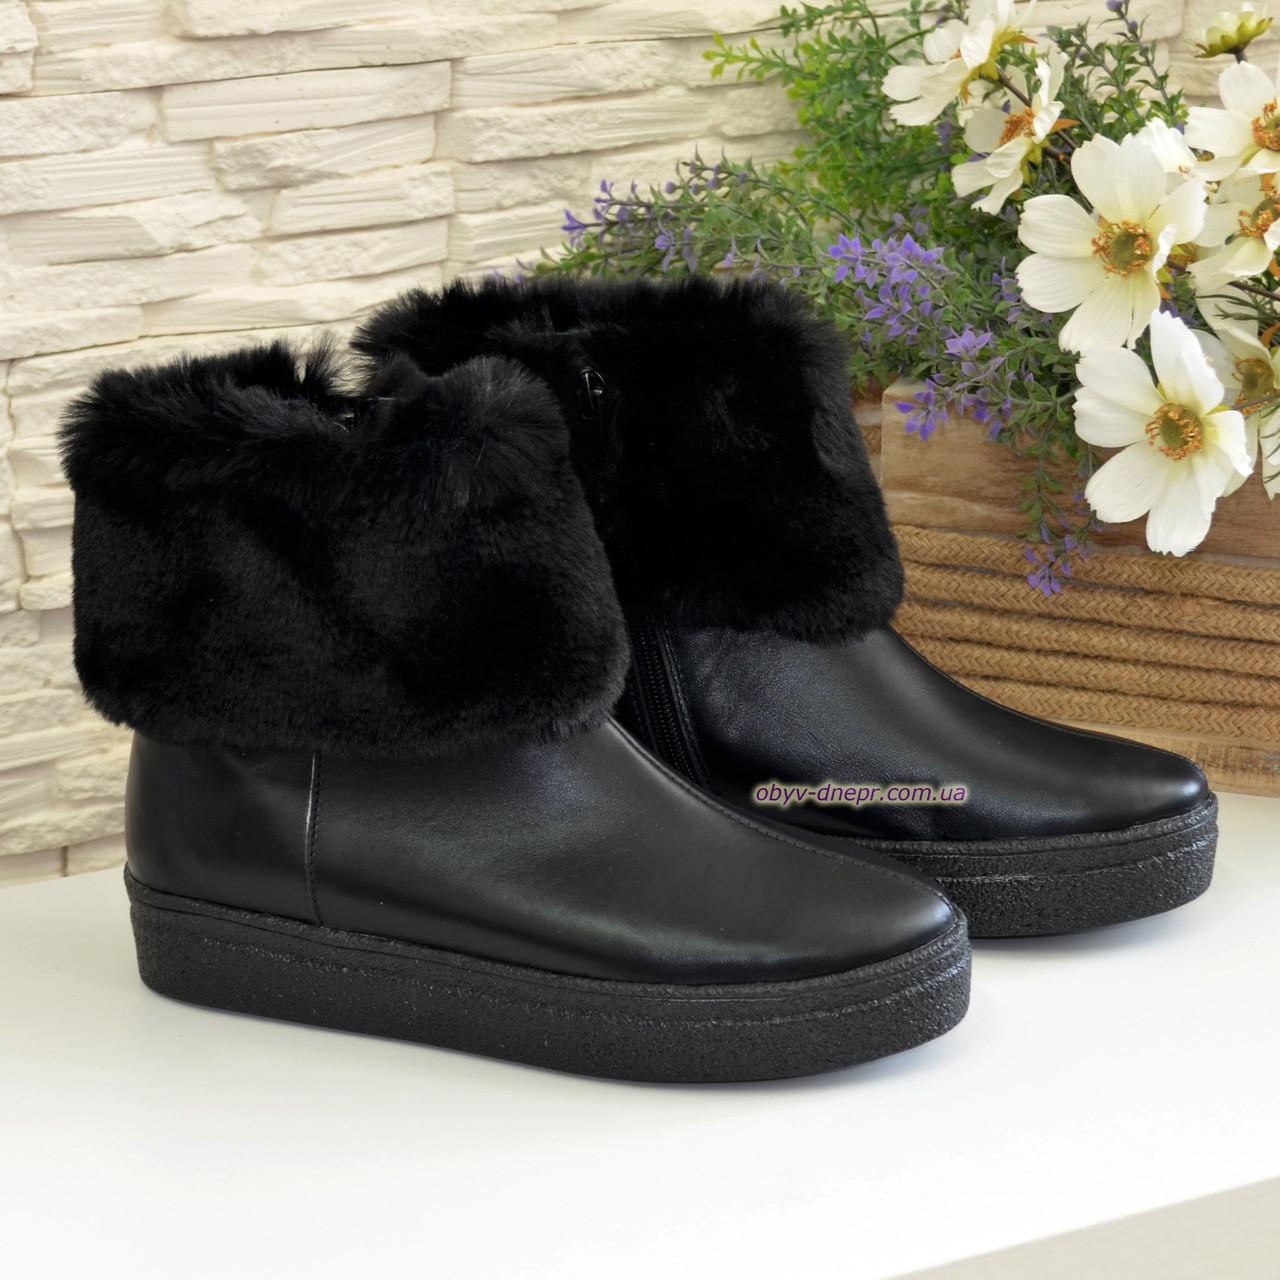 Ботинки черные демисезонные женские кожаные на утолщенной подошве, декорированы мехом